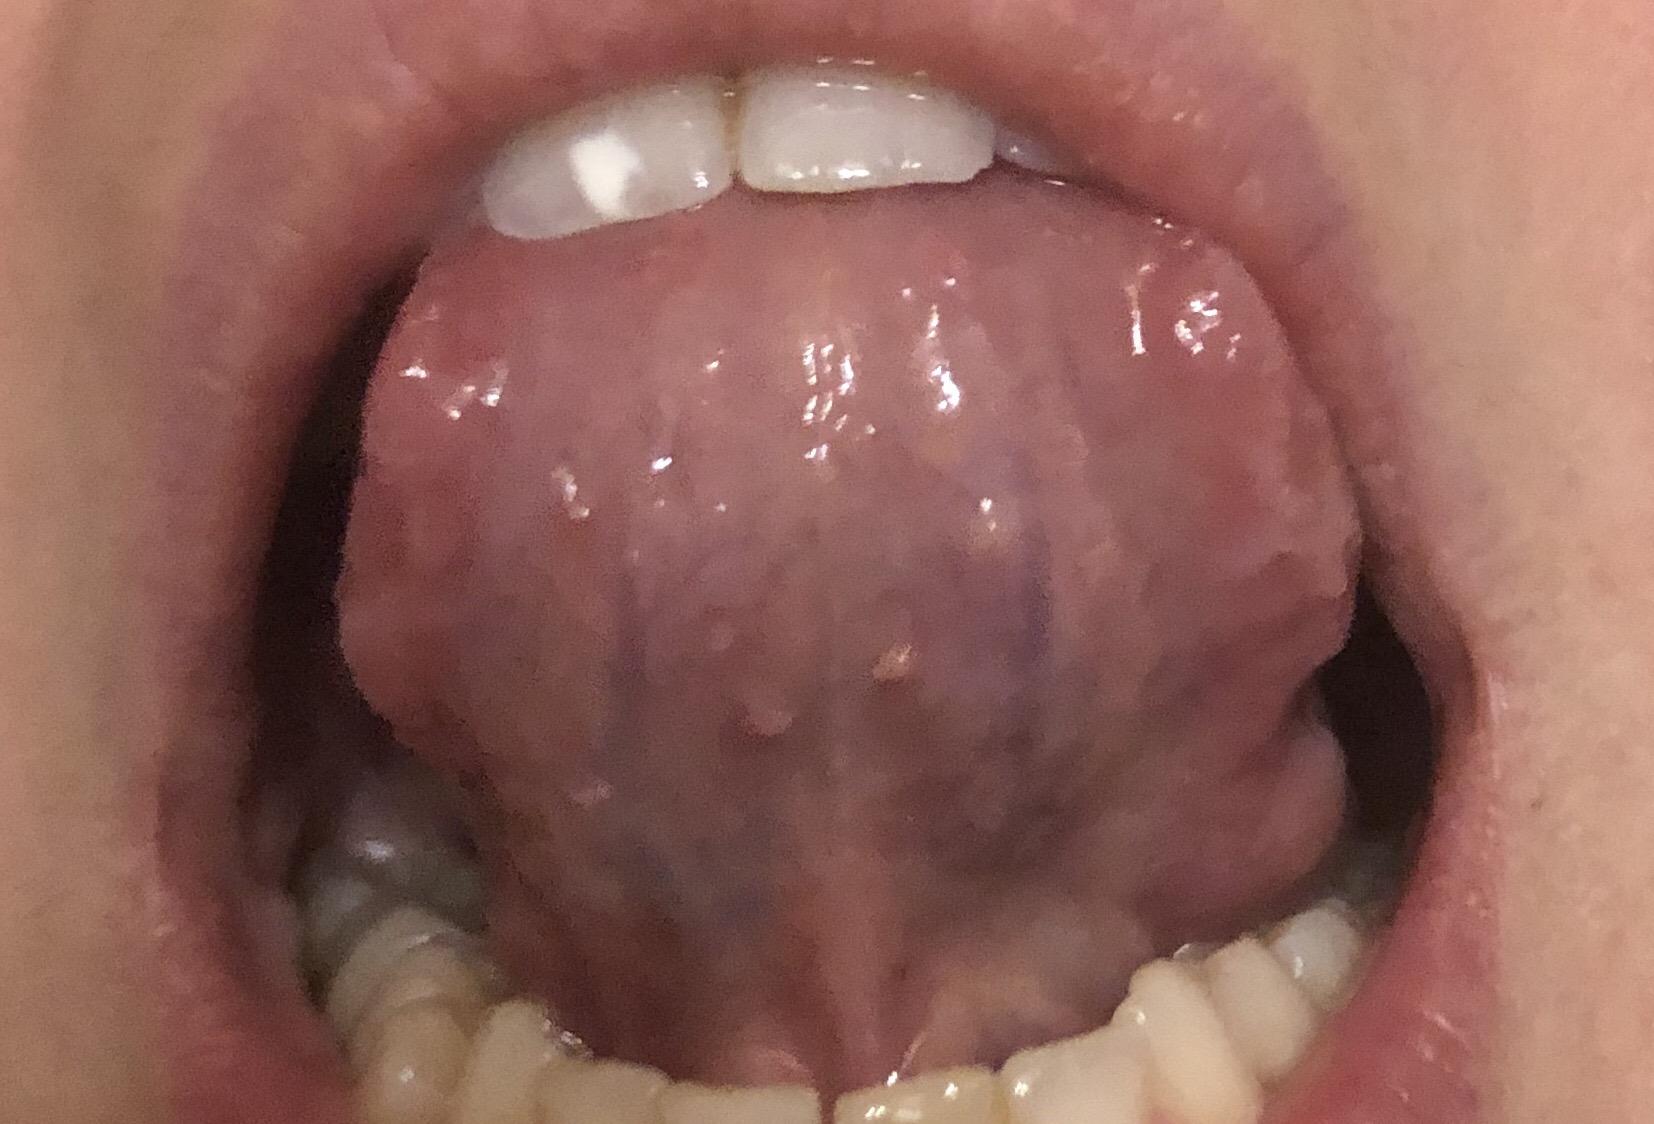 Da qualche settimana ho notato delle sporgenze sotto la lingua